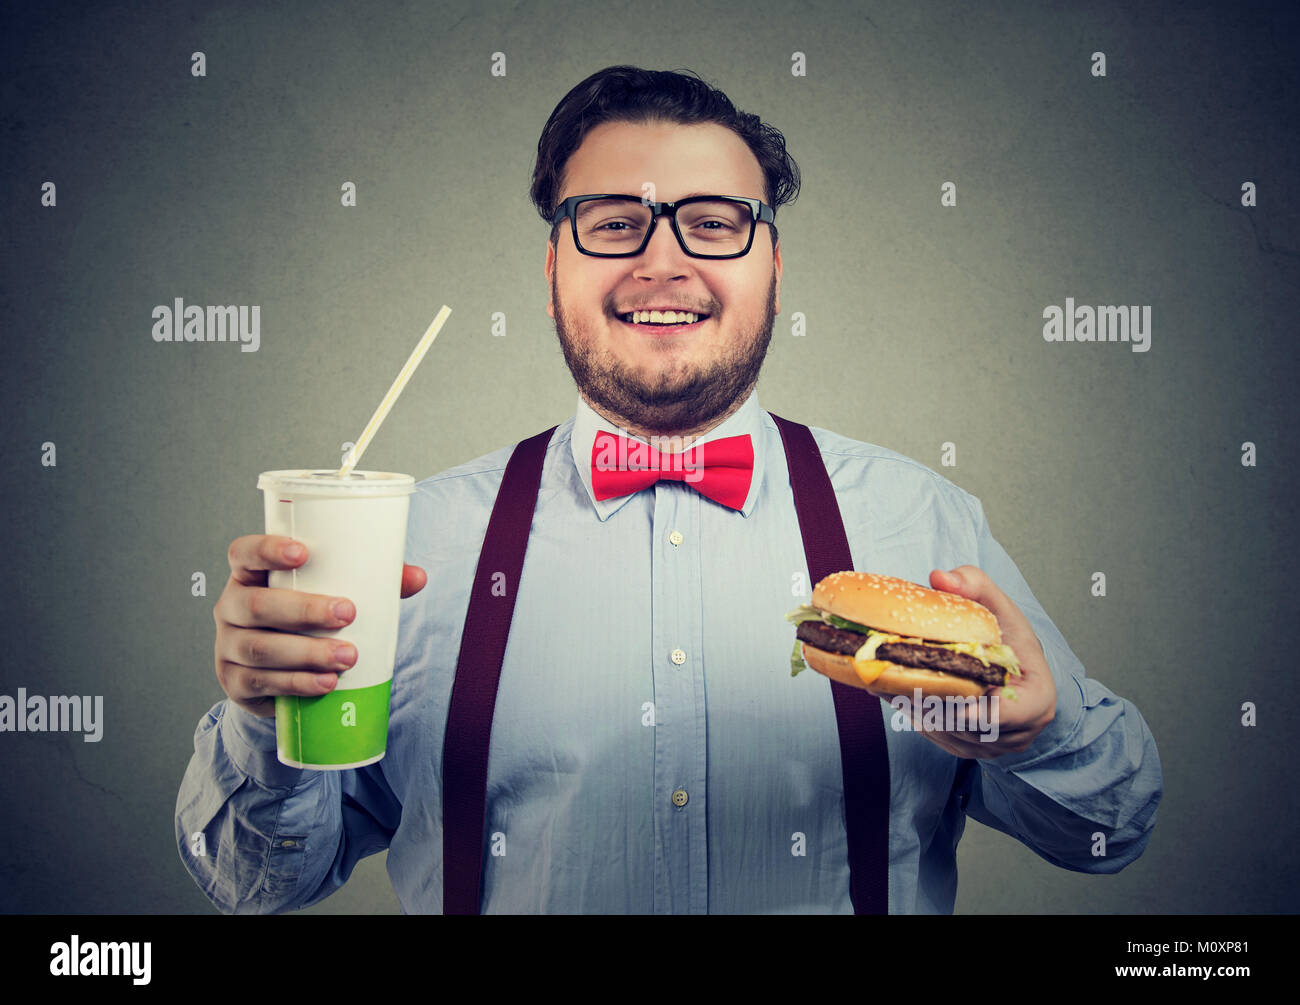 Giovane uomo felice guardando eccitato mentre avente burger e soda guardando la fotocamera. Immagini Stock